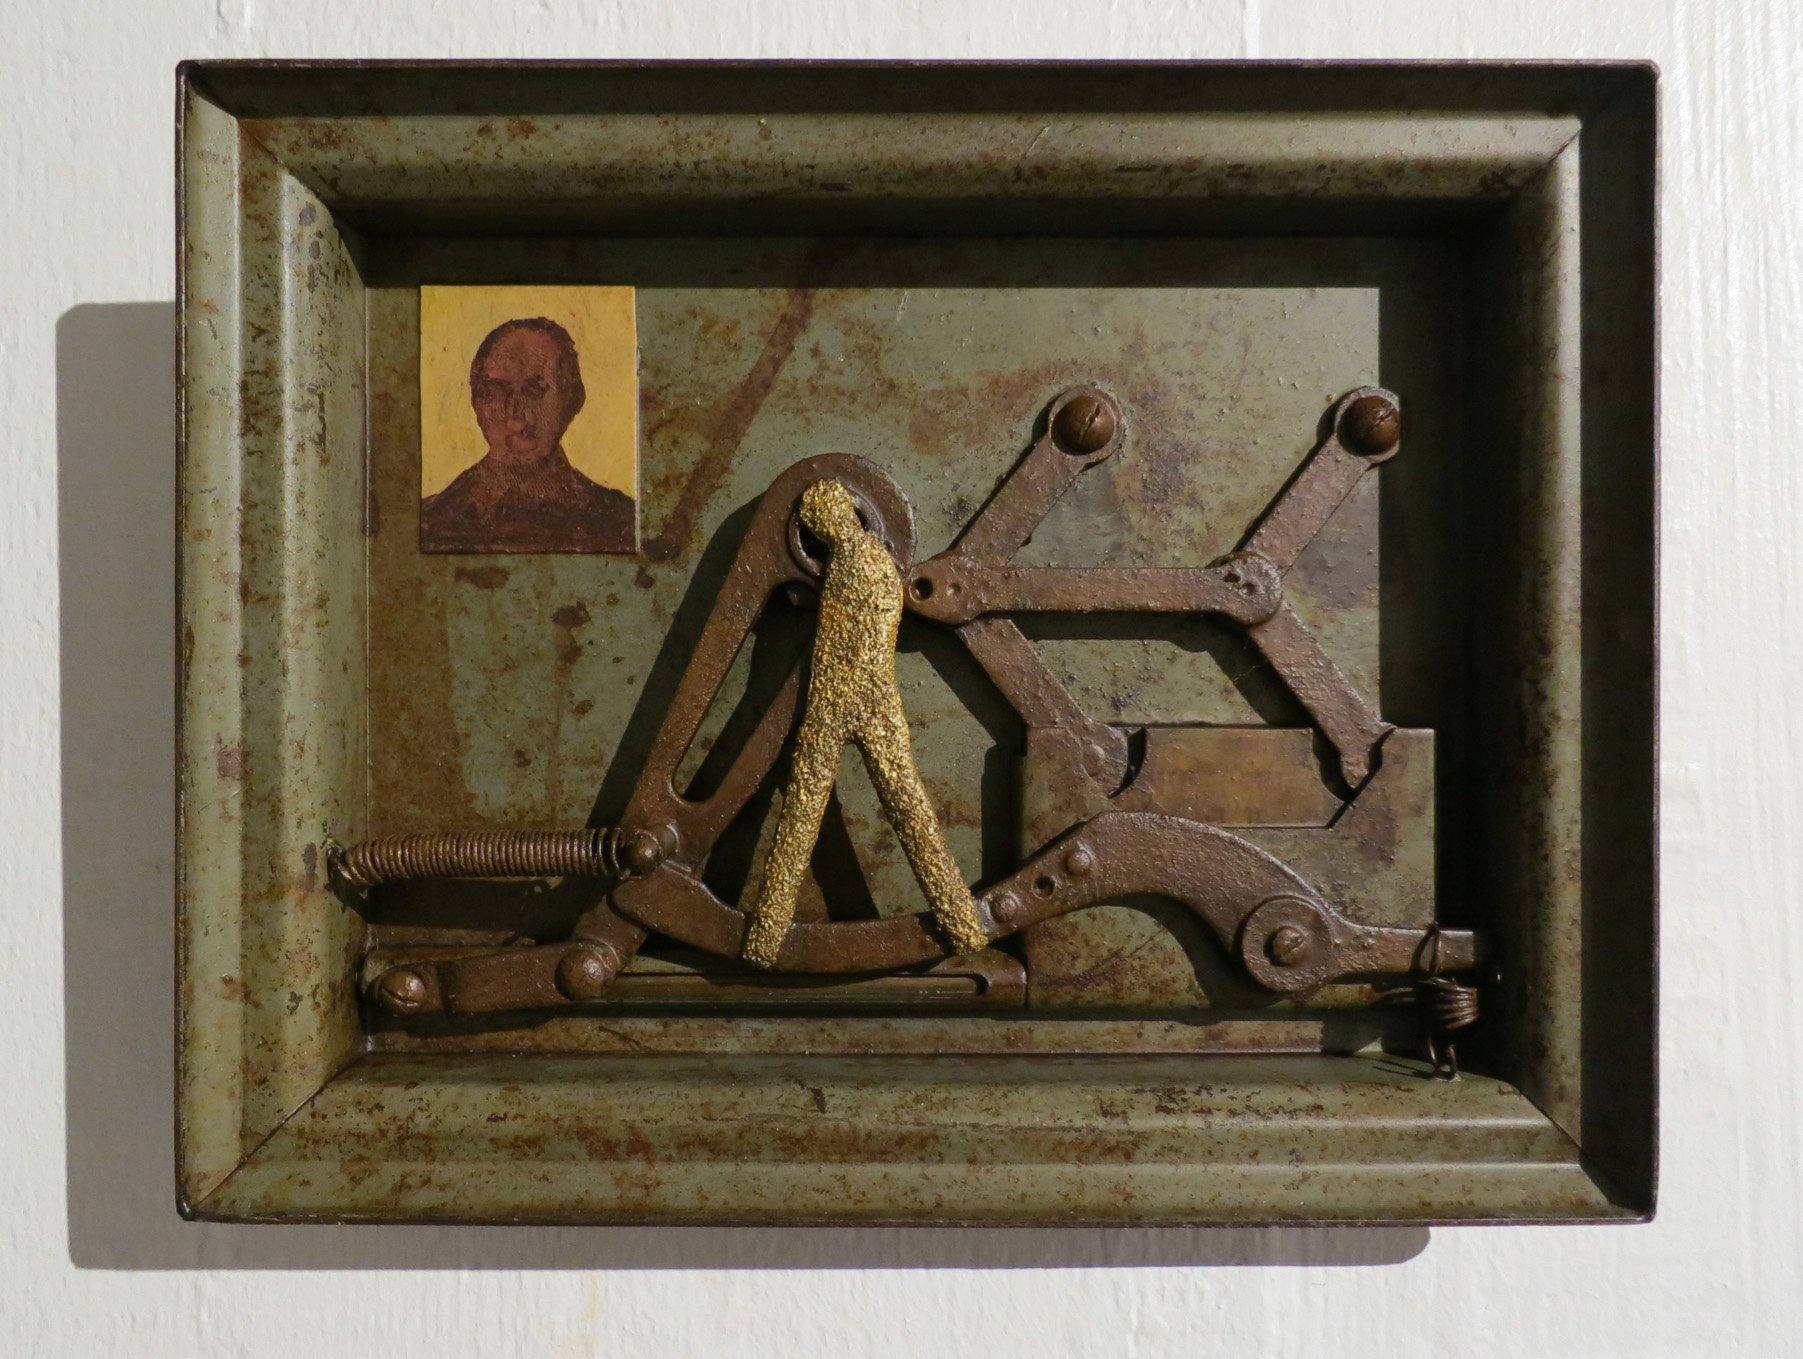 Mecanic-Man oeuvre artiste contemporain Kamel Yahiaoui